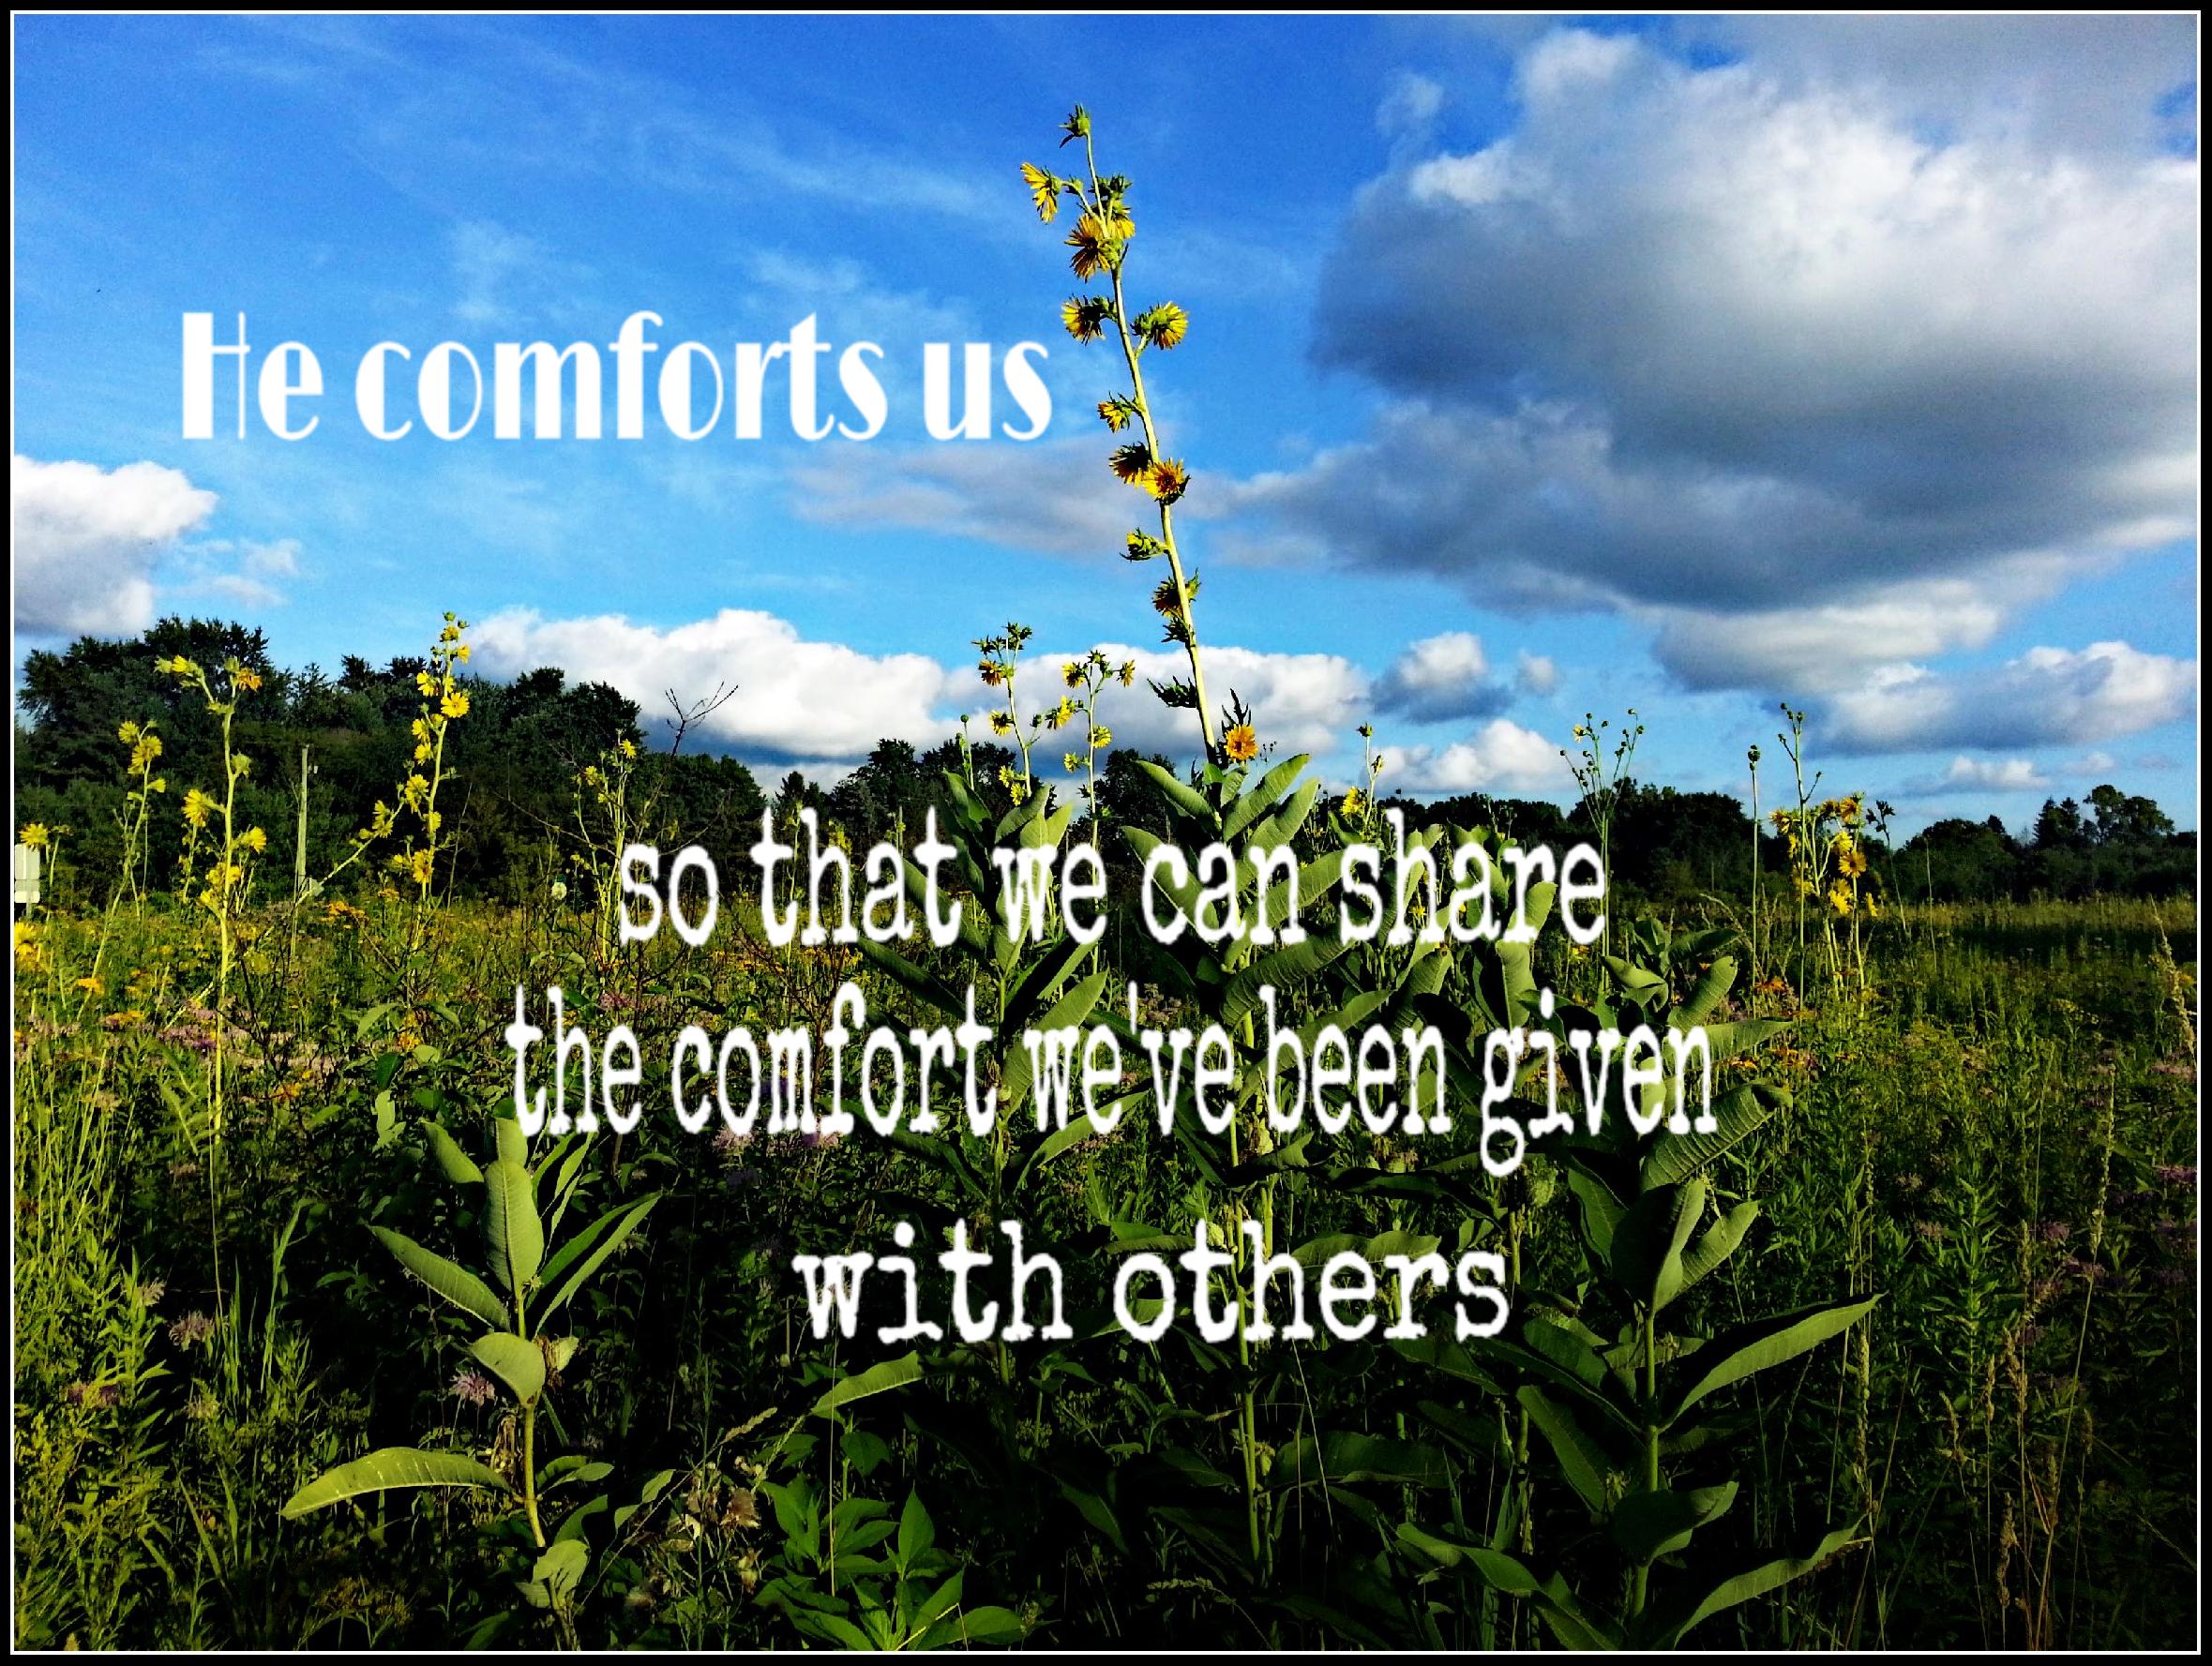 BG SS He comforts us